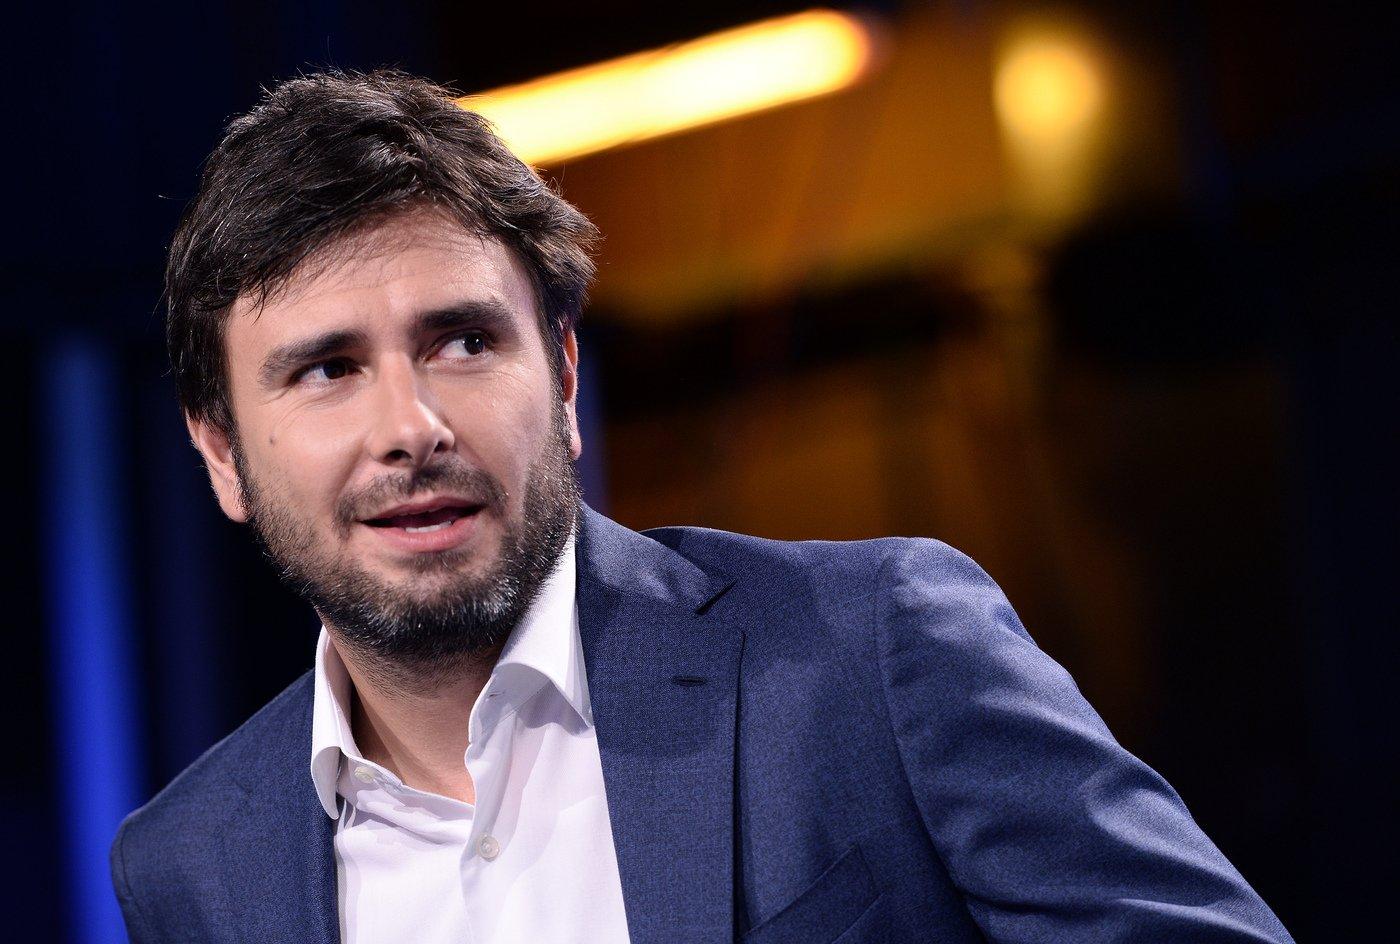 """Governo, manovra, Di Battista (M5s): """"Un dovere morale stare lontani dall'immoralità, no al dialogo con Forza Italia"""""""